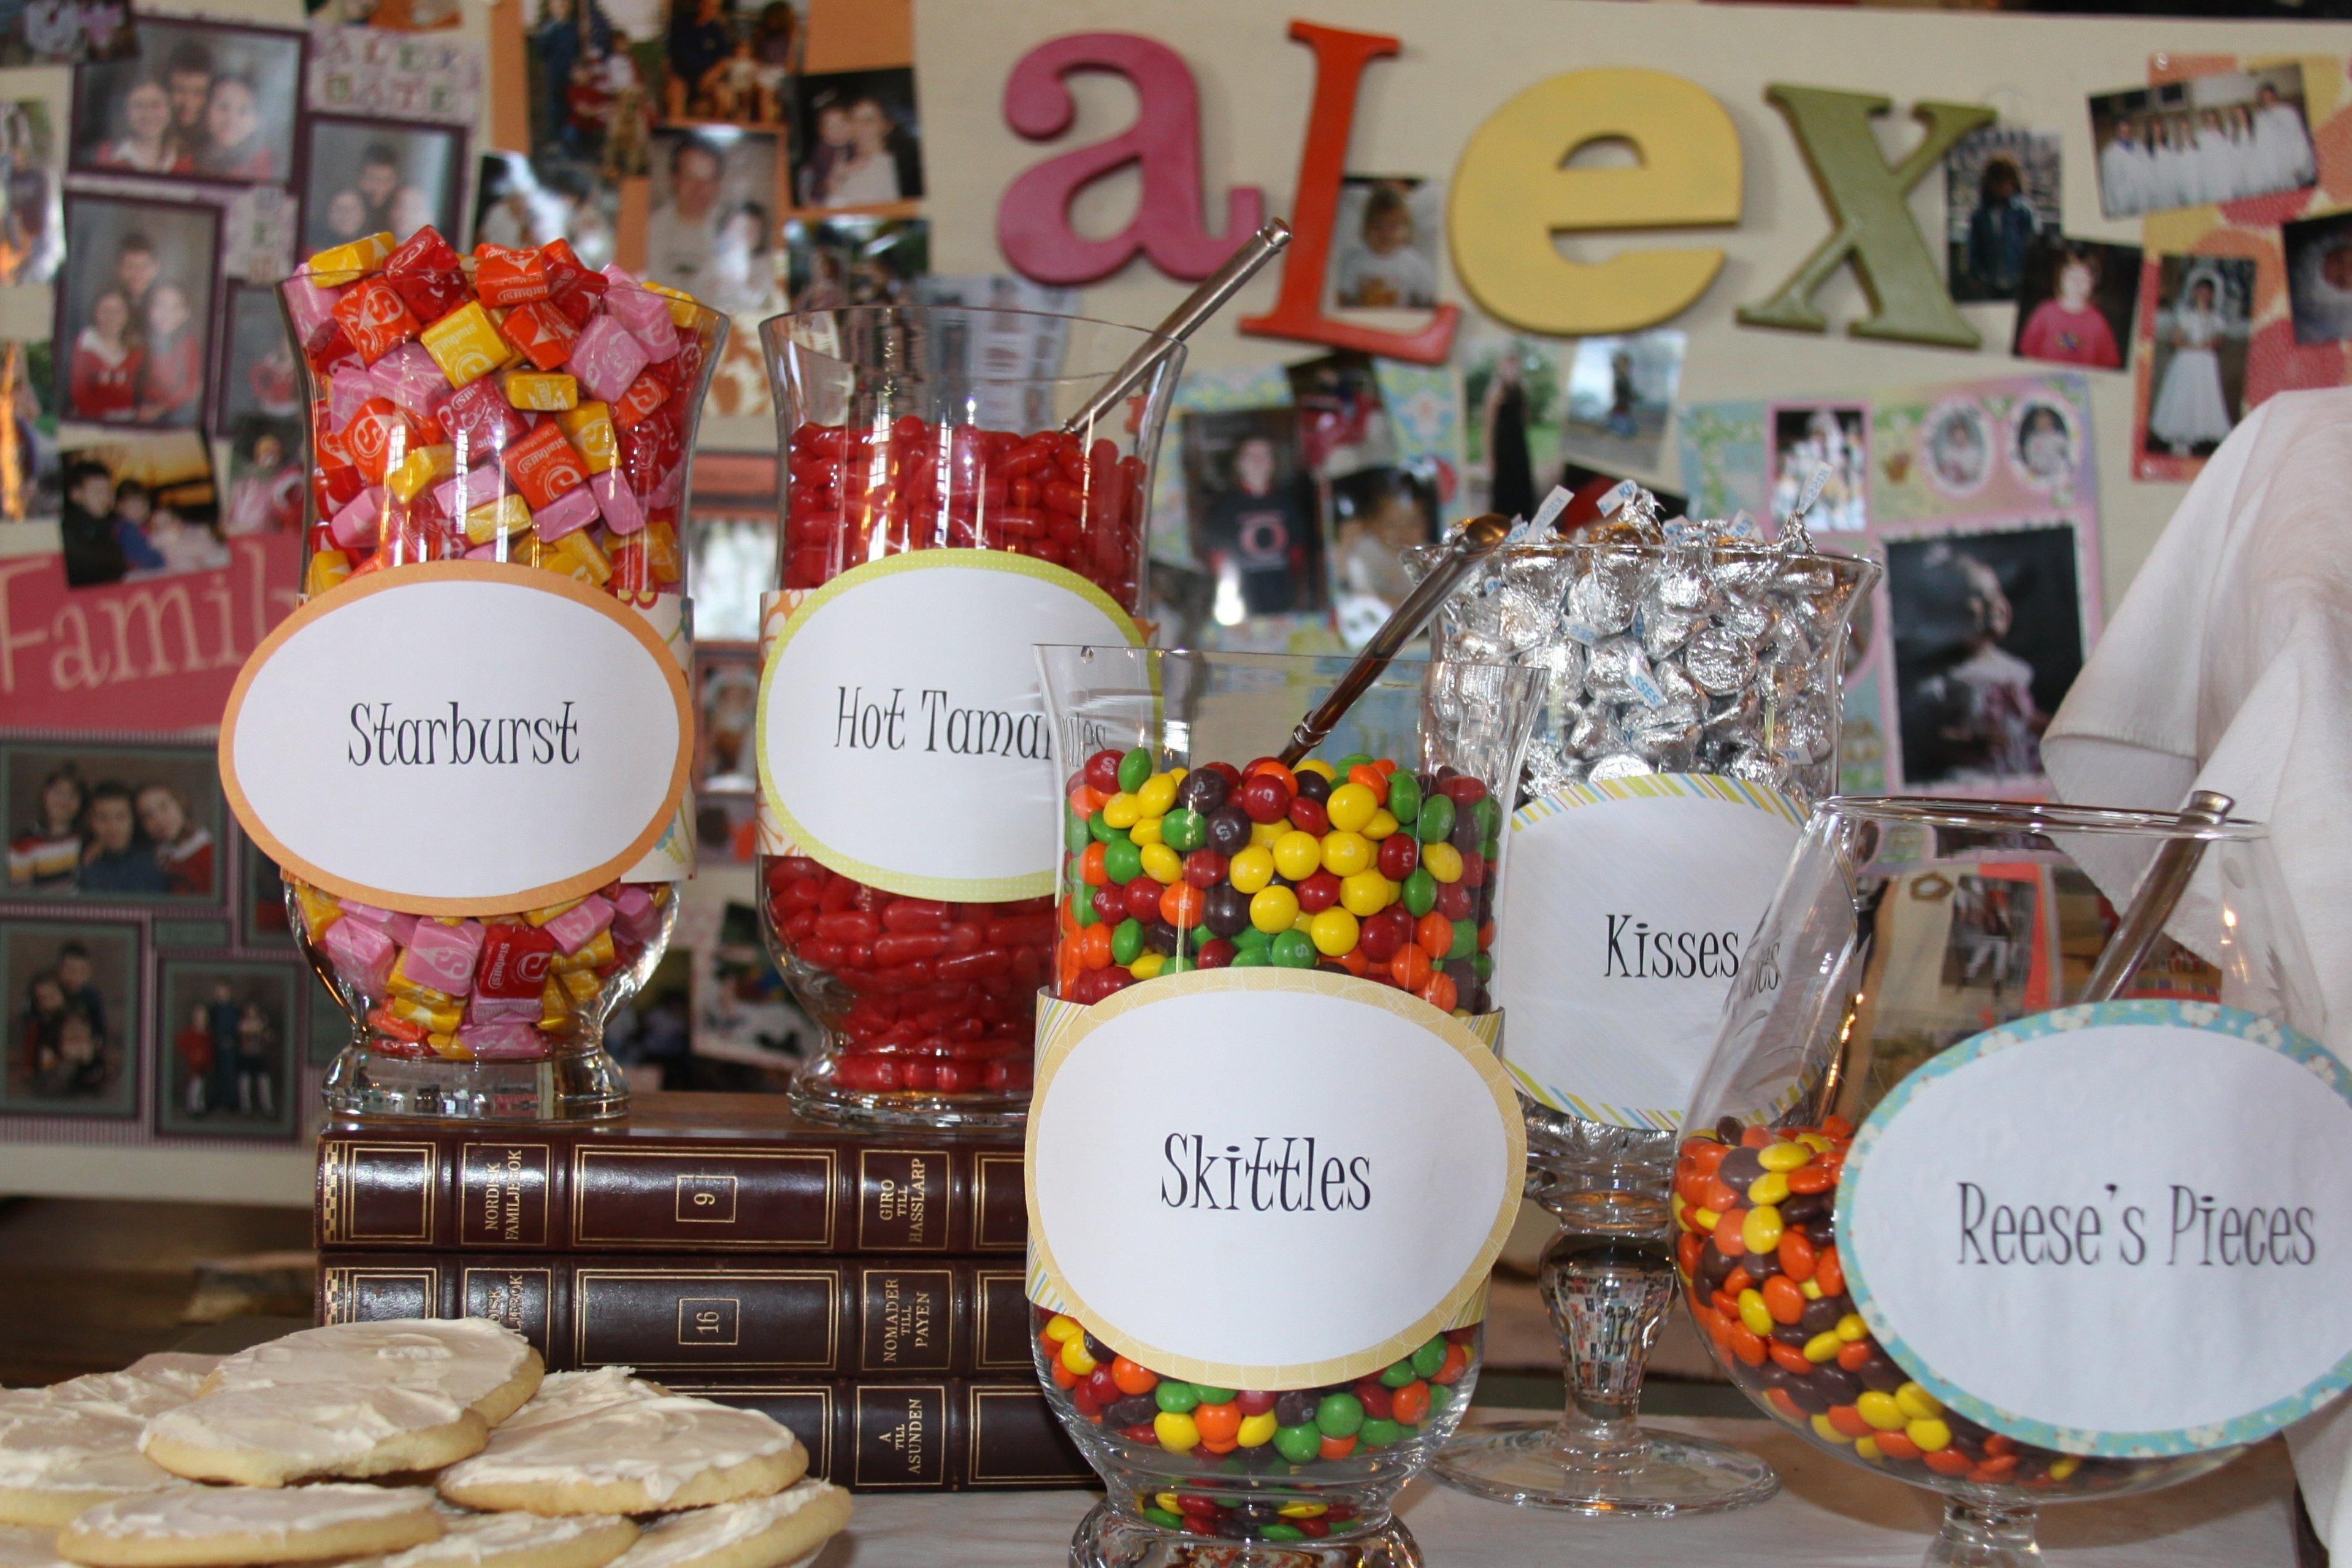 10 Attractive High School Graduation Party Menu Ideas high school graduation food ideas graduation party food ideas 5 2020